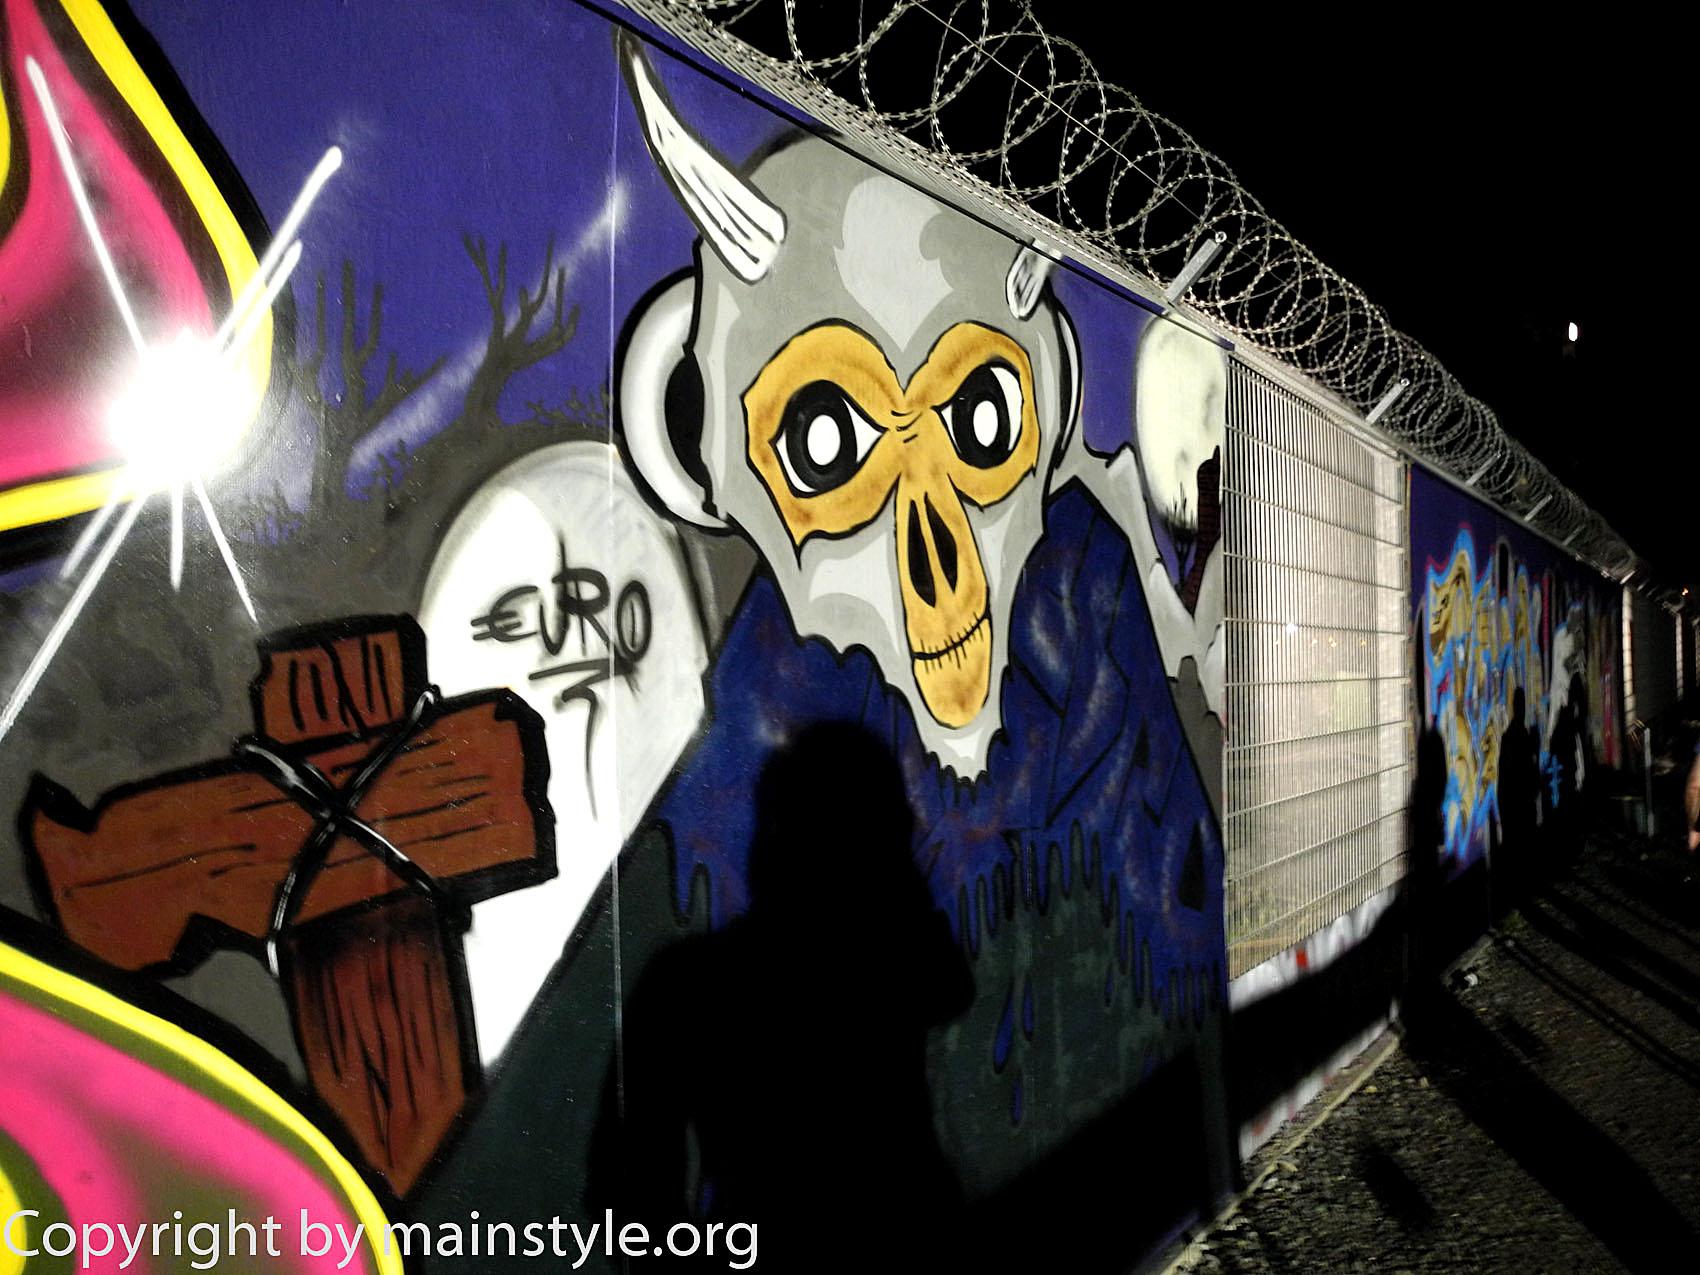 Frankfurt_Nacht_der_Museen_Graffiti_EZB_2013_-220